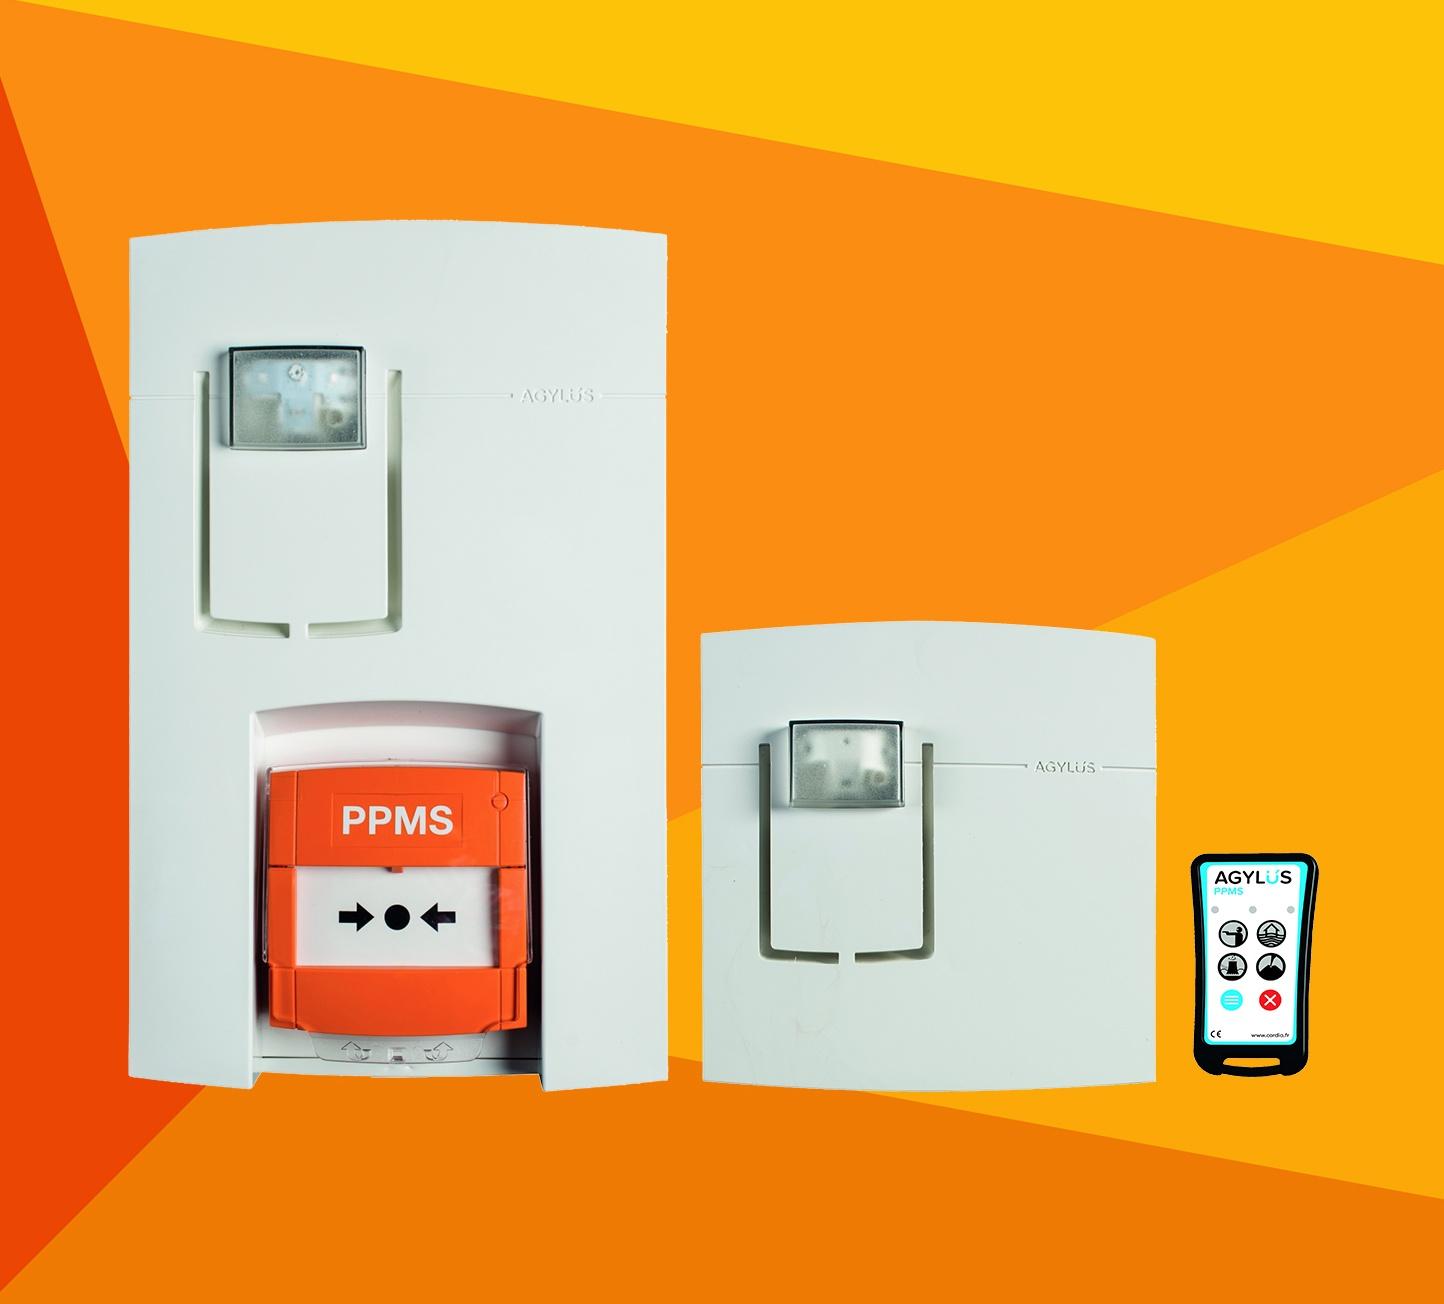 Alarme confinement - Sirène - Télécommande - PPMS